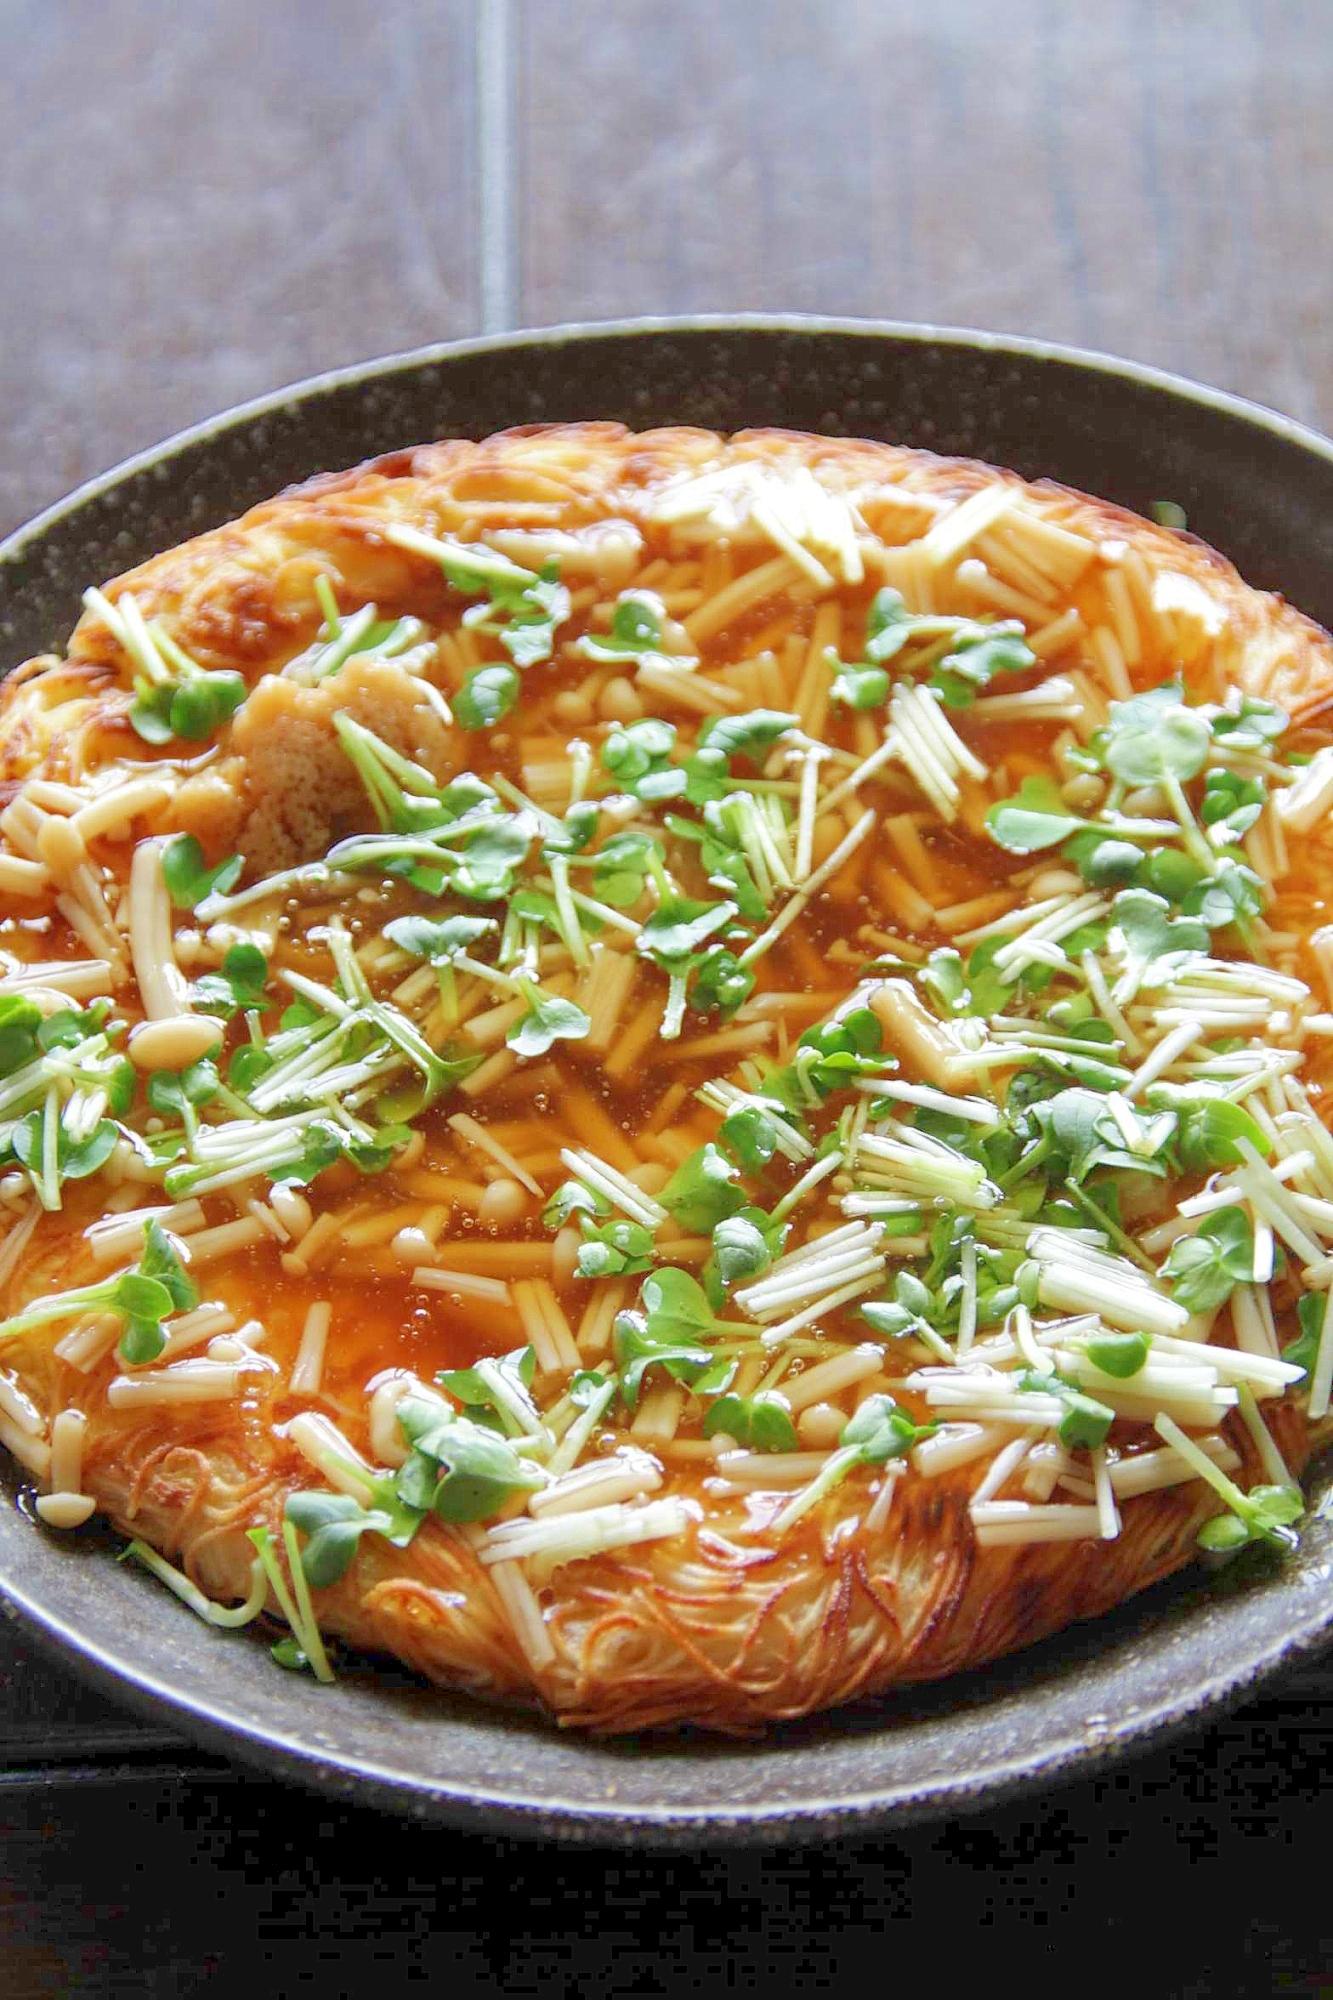 あまった素麺でも作れます『固焼きそうめん』 レシピ・作り方 by ★☆ ひで ☆★|楽天レシピ